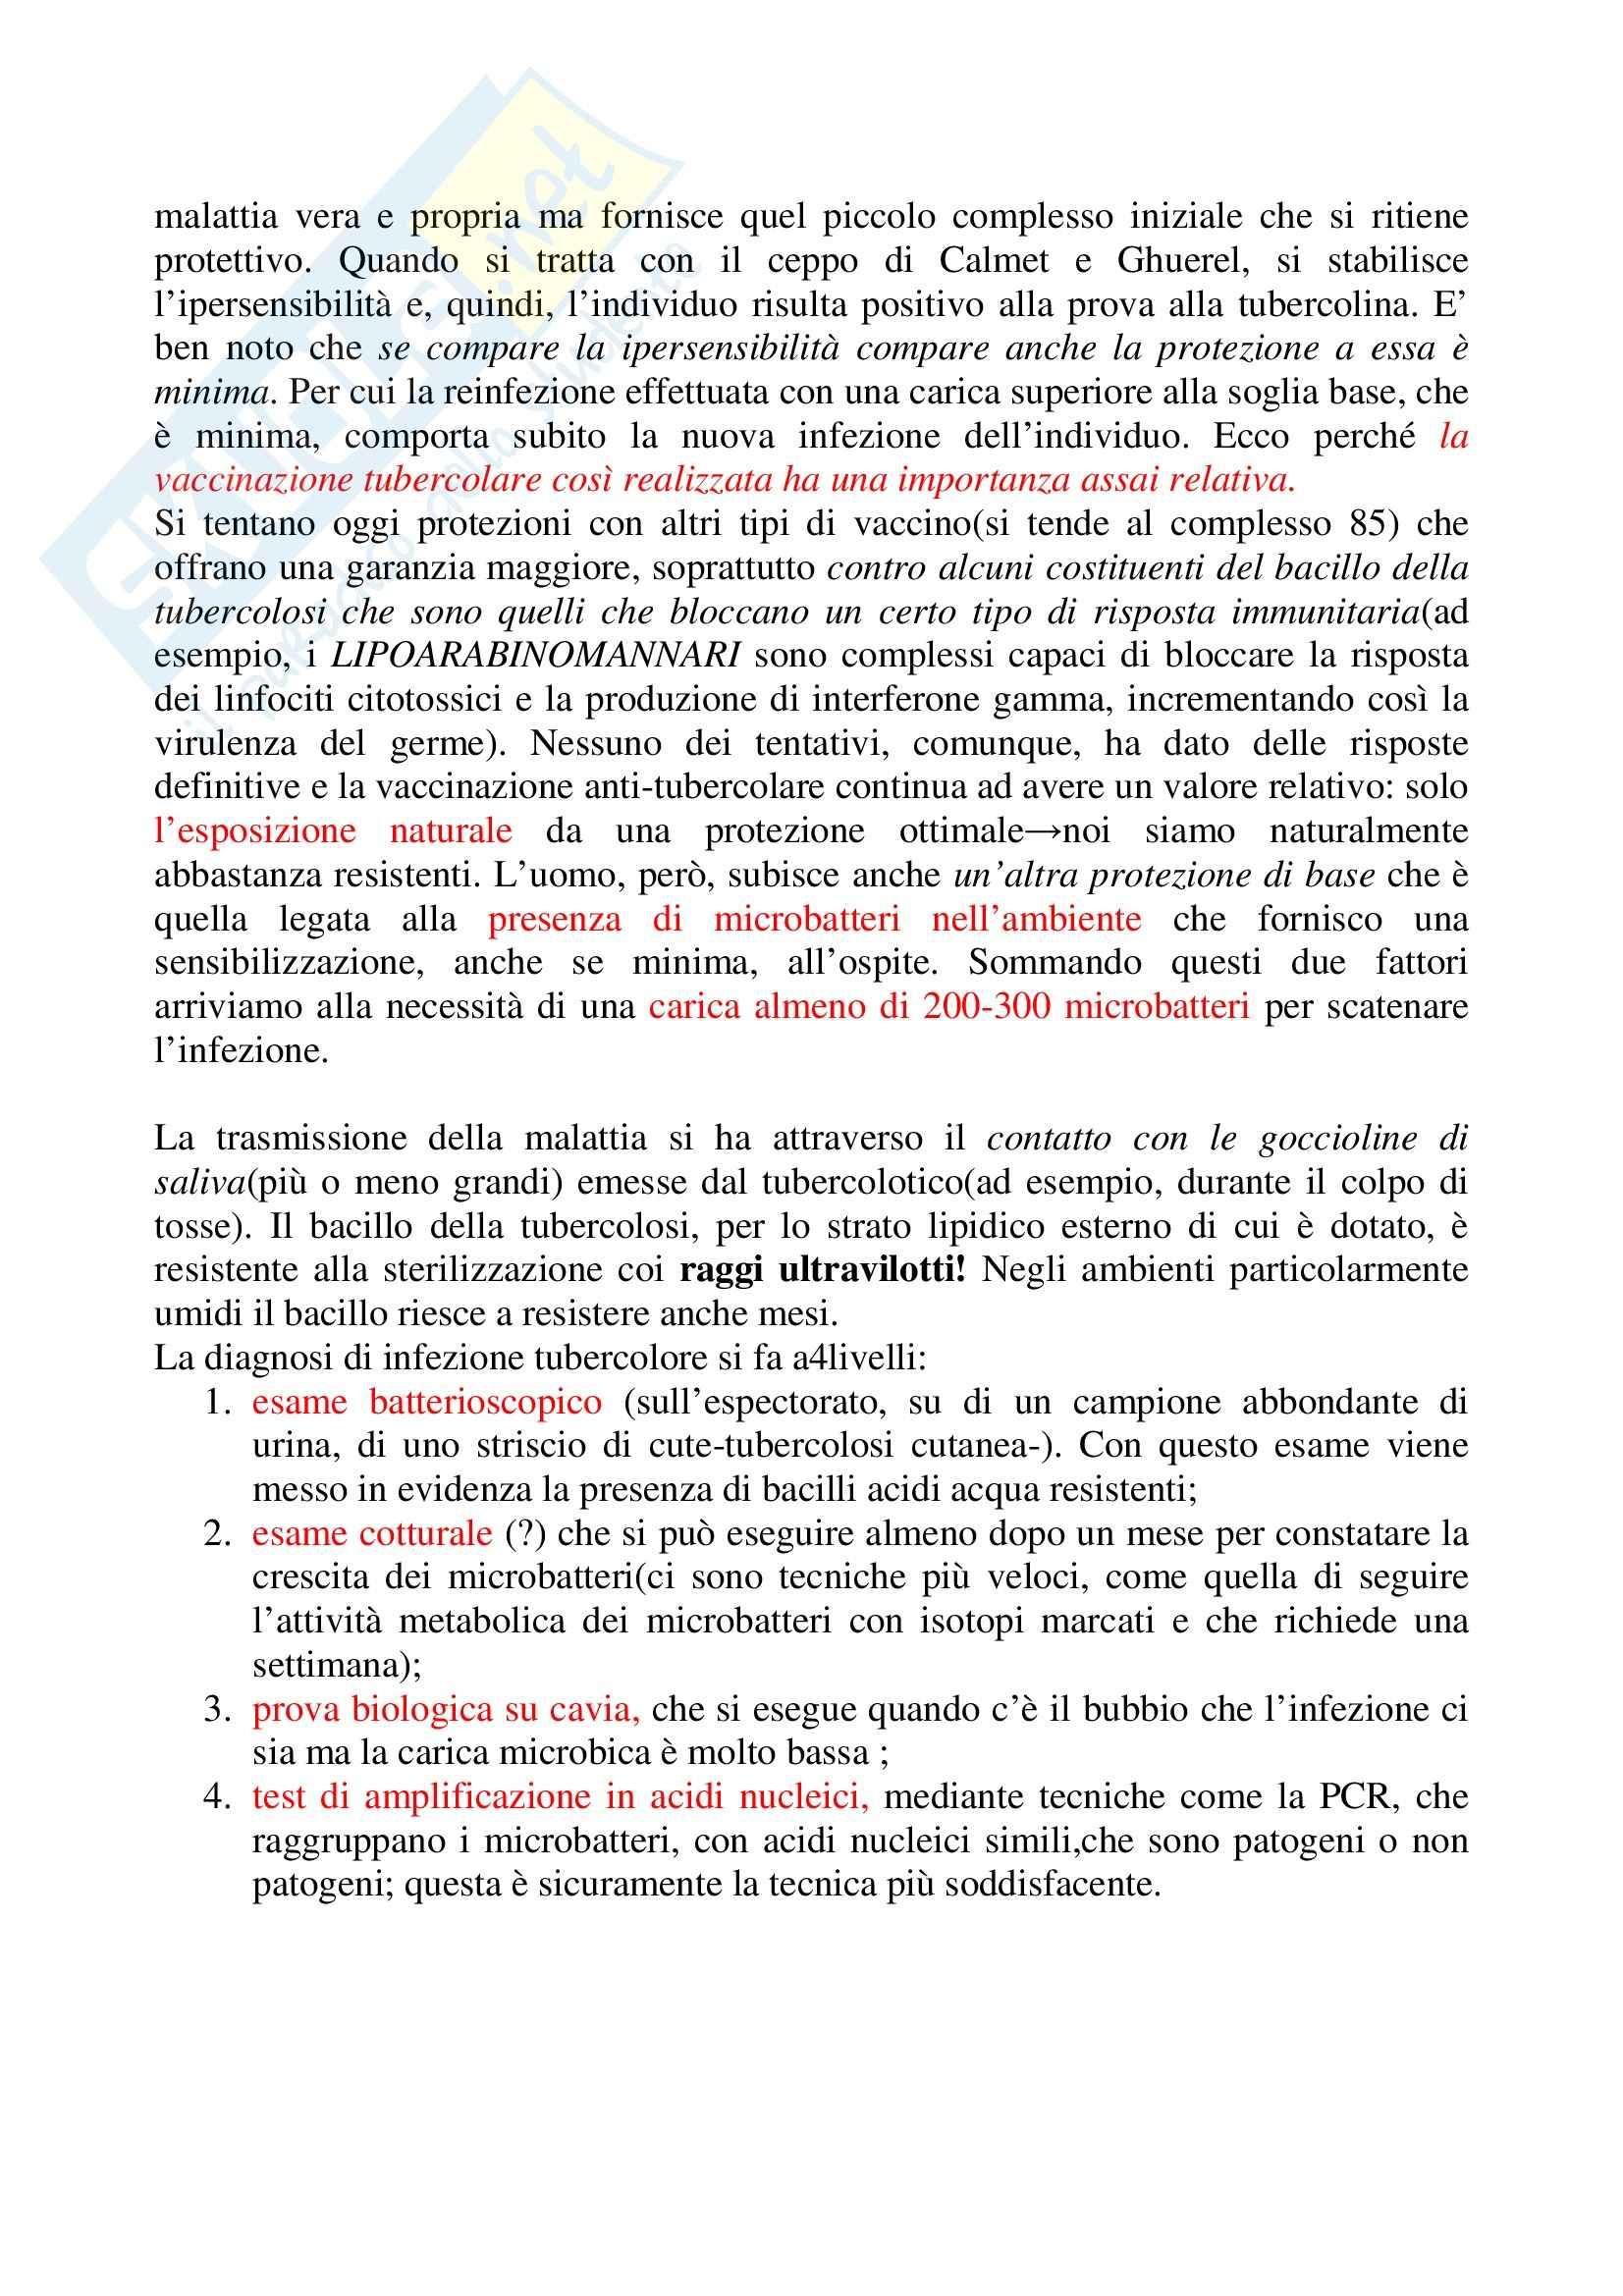 Microbiologia - tubercolosi Pag. 11